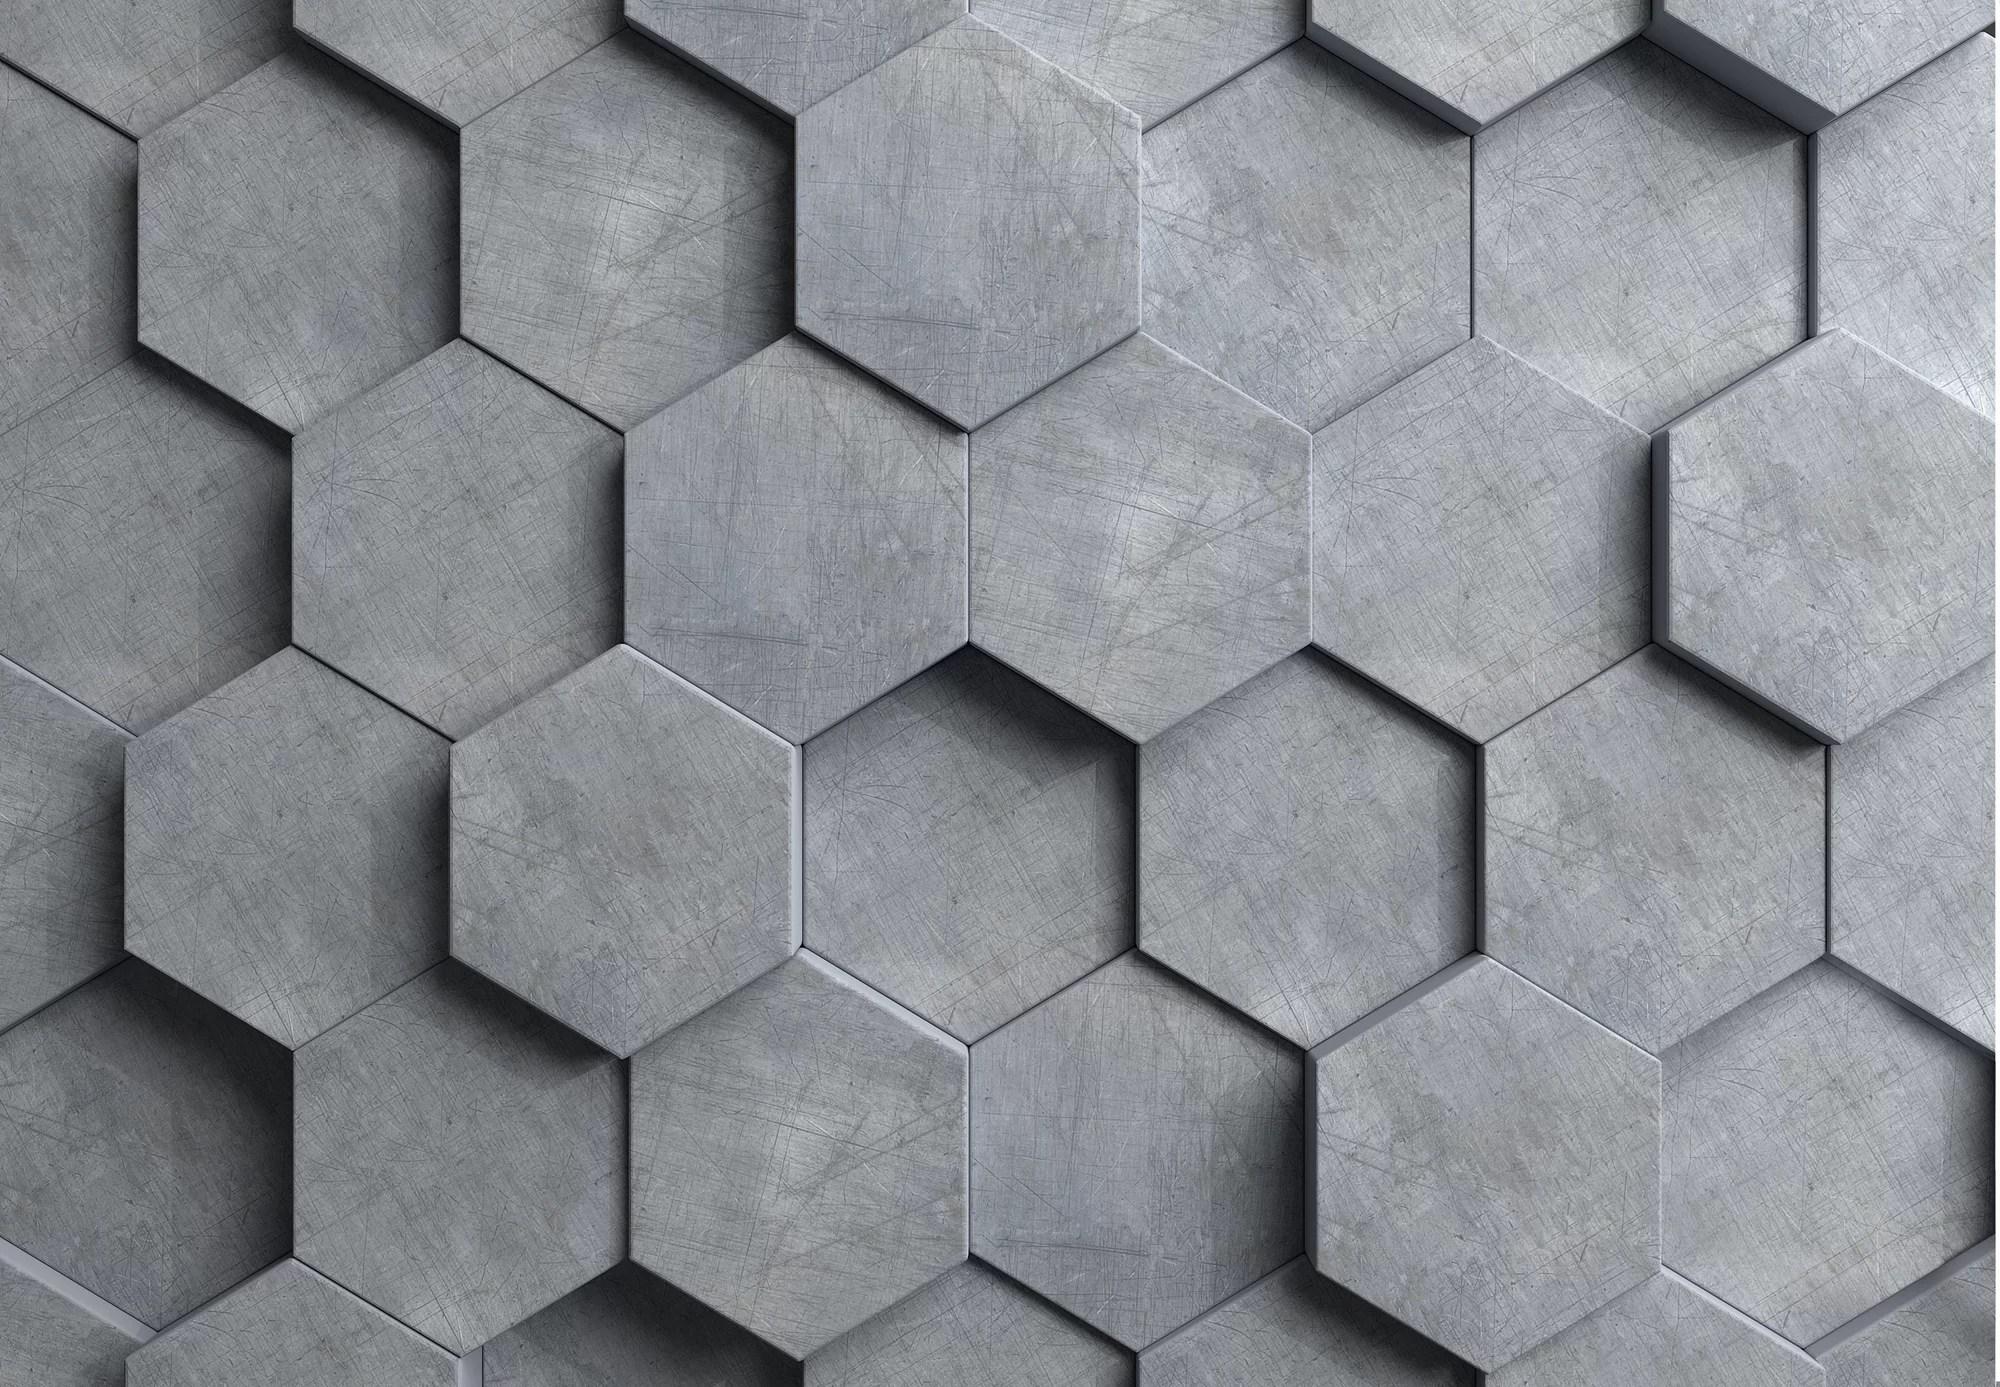 Синтезирован материал, способный изменять свойства различных поверхностей